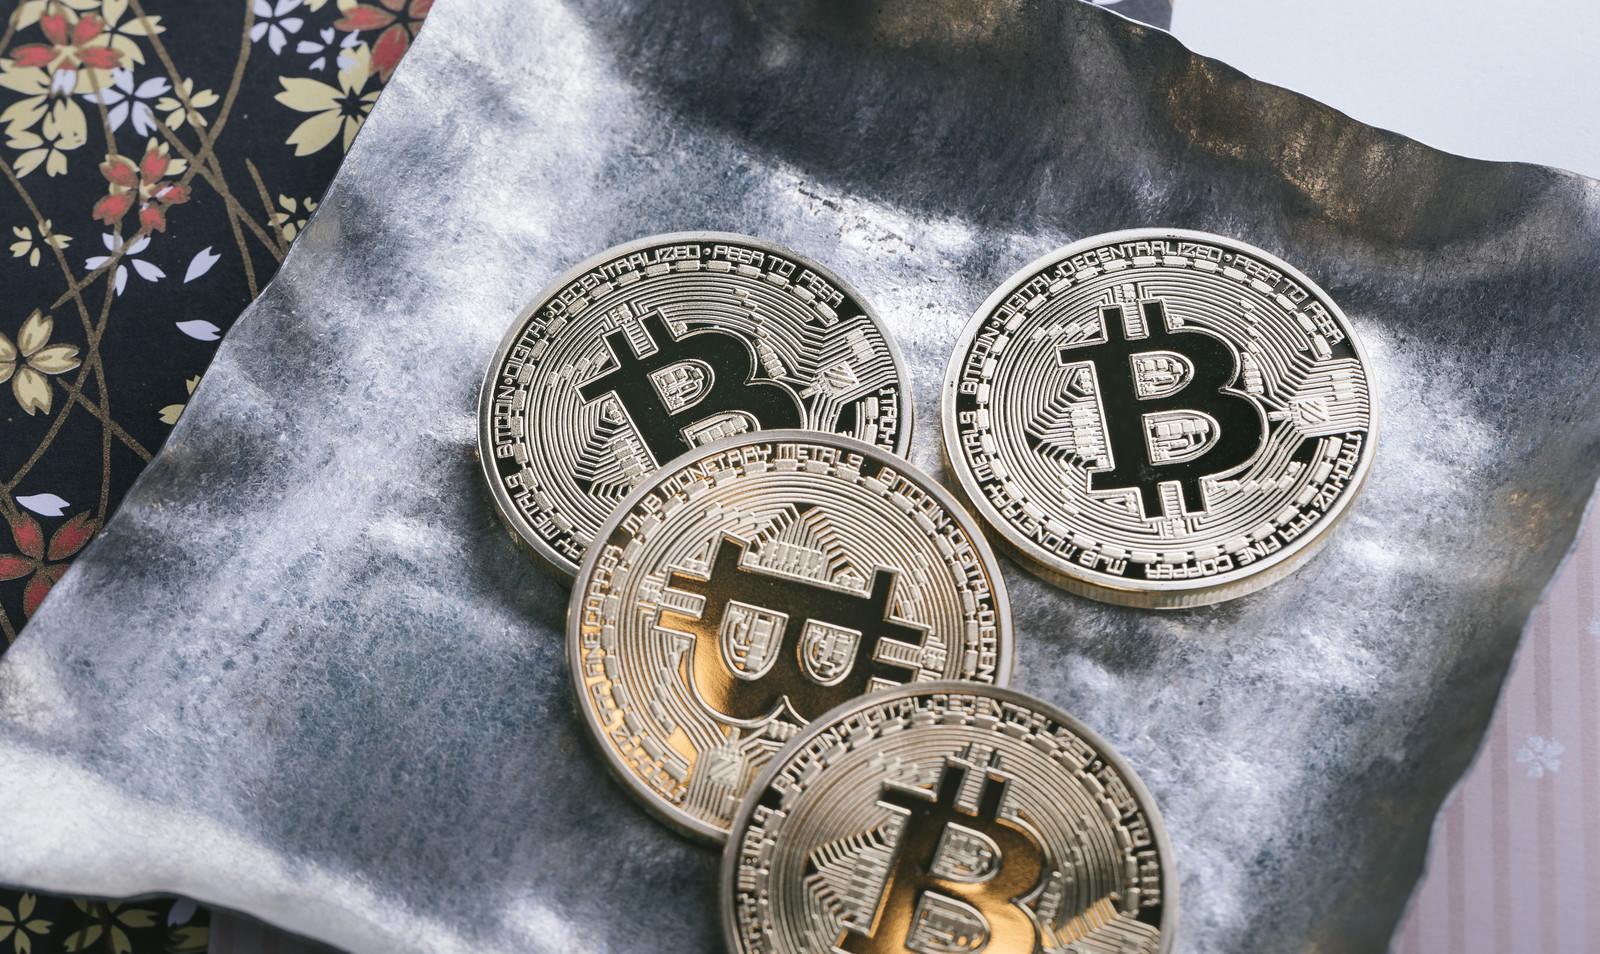 「近い将来、支払いはビットコインが主流になる」の写真